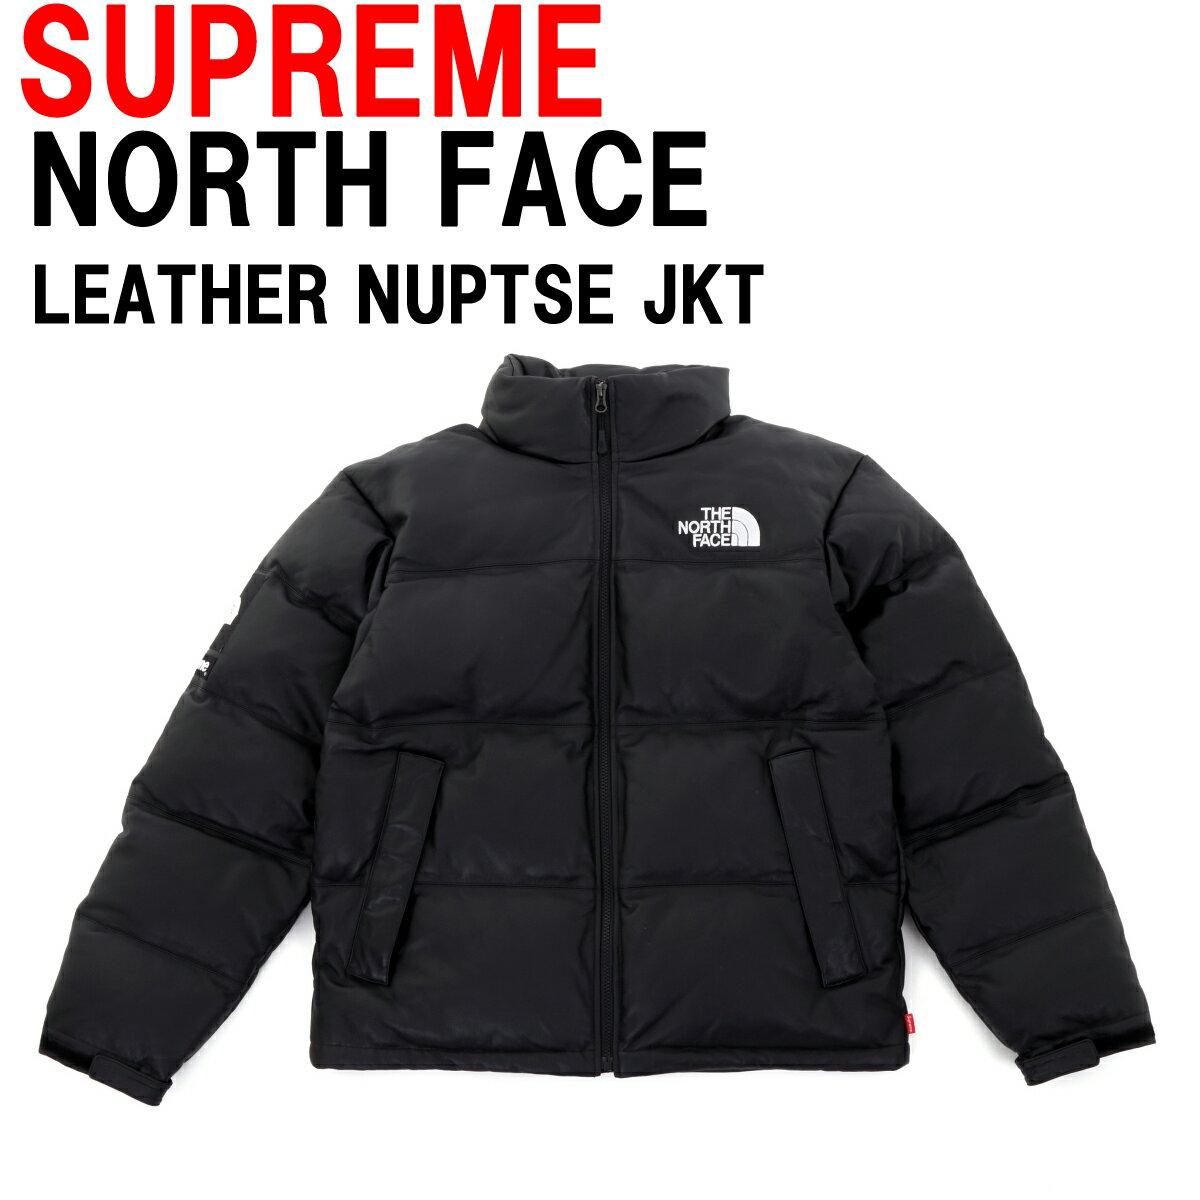 Supreme × The North Faceシュプリーム × ノースフェイスLeather Nuptse Jacket レザー ヌプシ ジャケットBLACK ブラックカラーアメリカ正規直営店買付分【あす楽対応_関東】